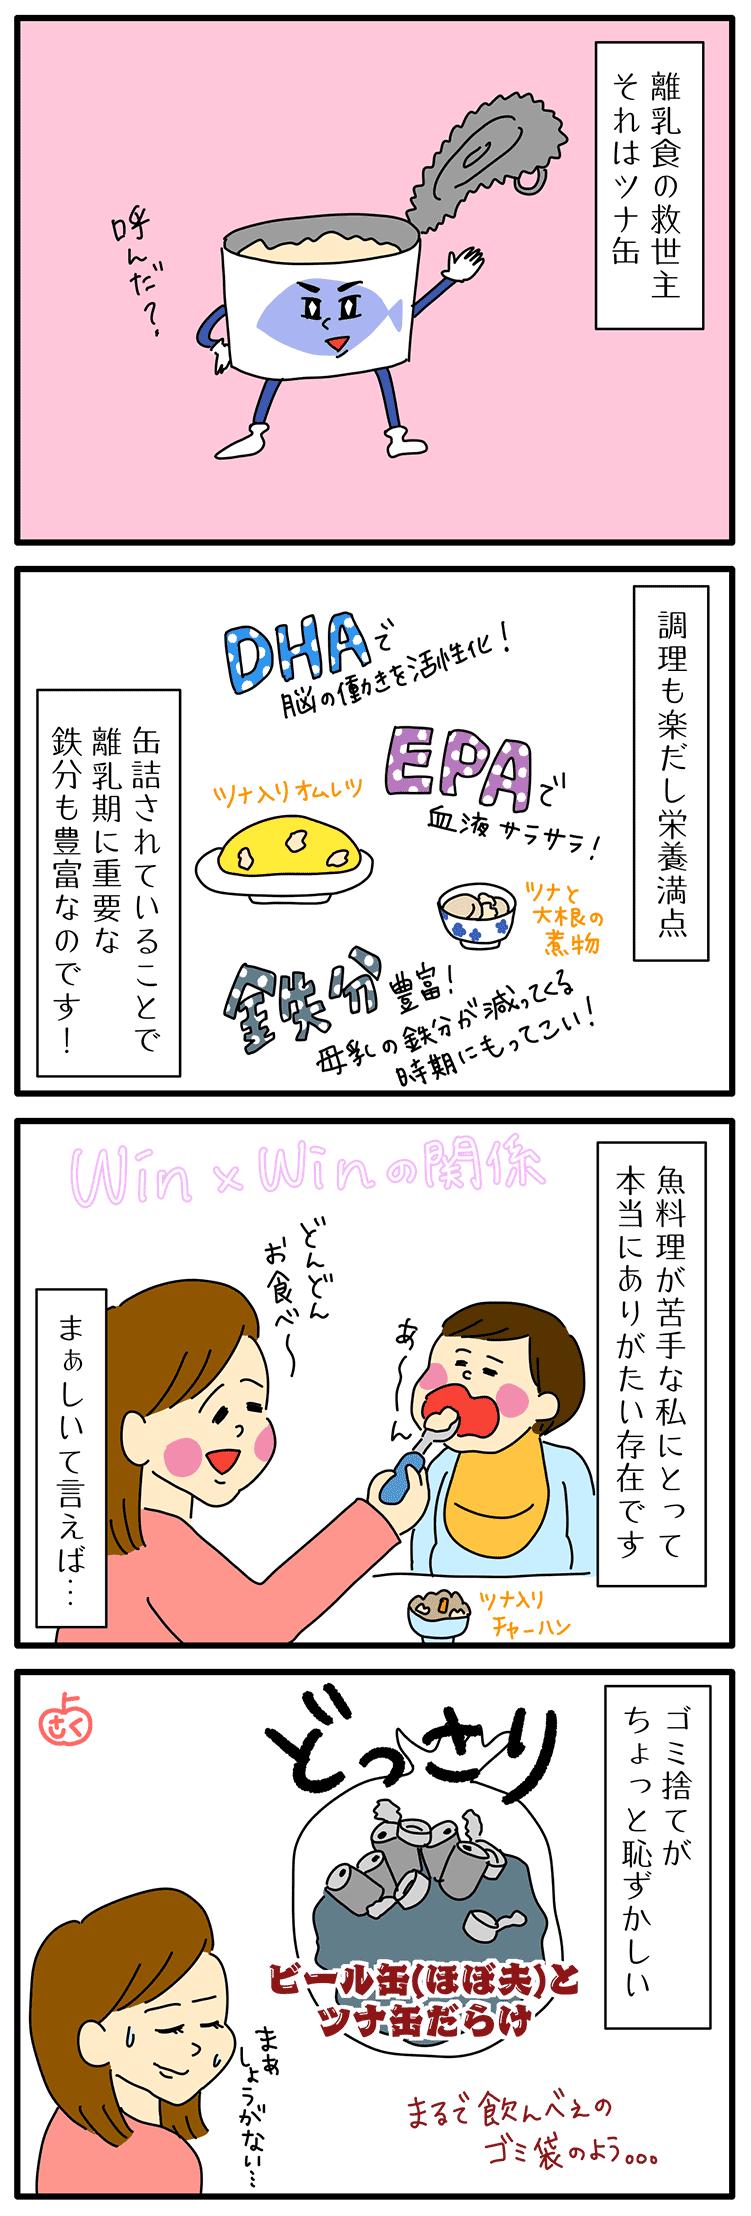 ツナ缶の子育て4コマ漫画